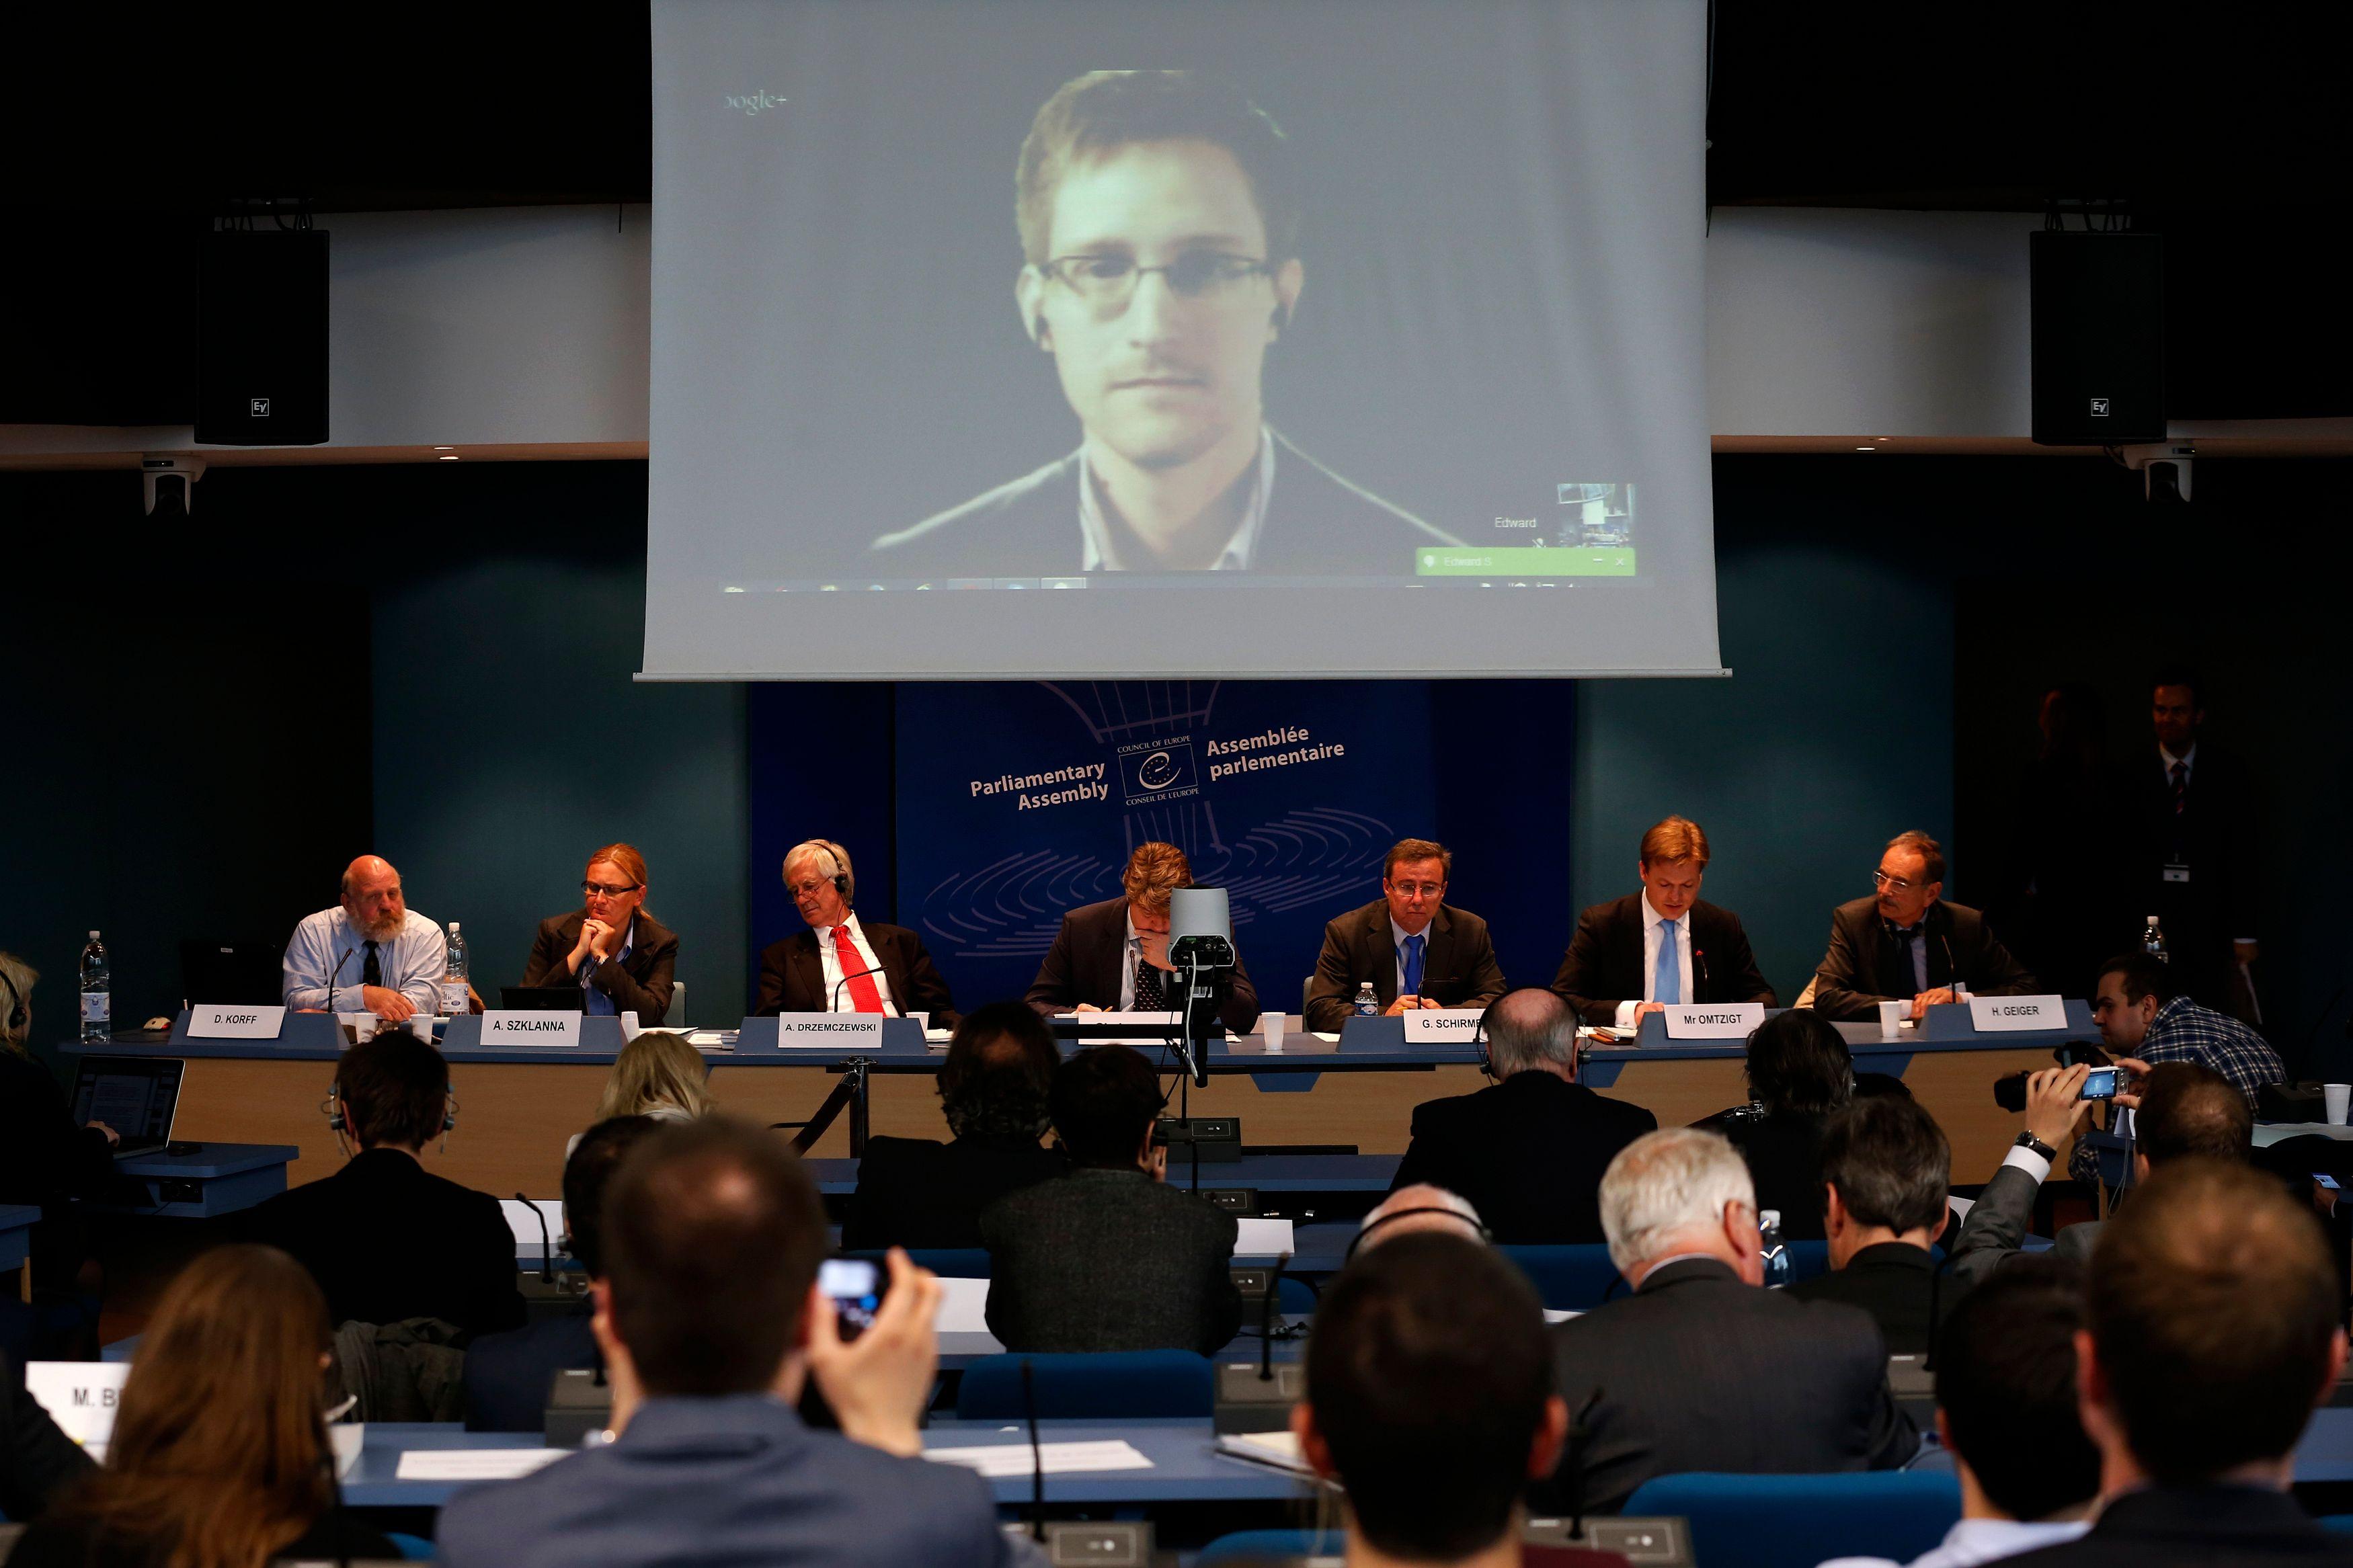 Un an après les révélations de Snowden sur l'espionnage électronique massif de la NSA, ce qui a concrètement changé (spoiler, pas grand chose…)